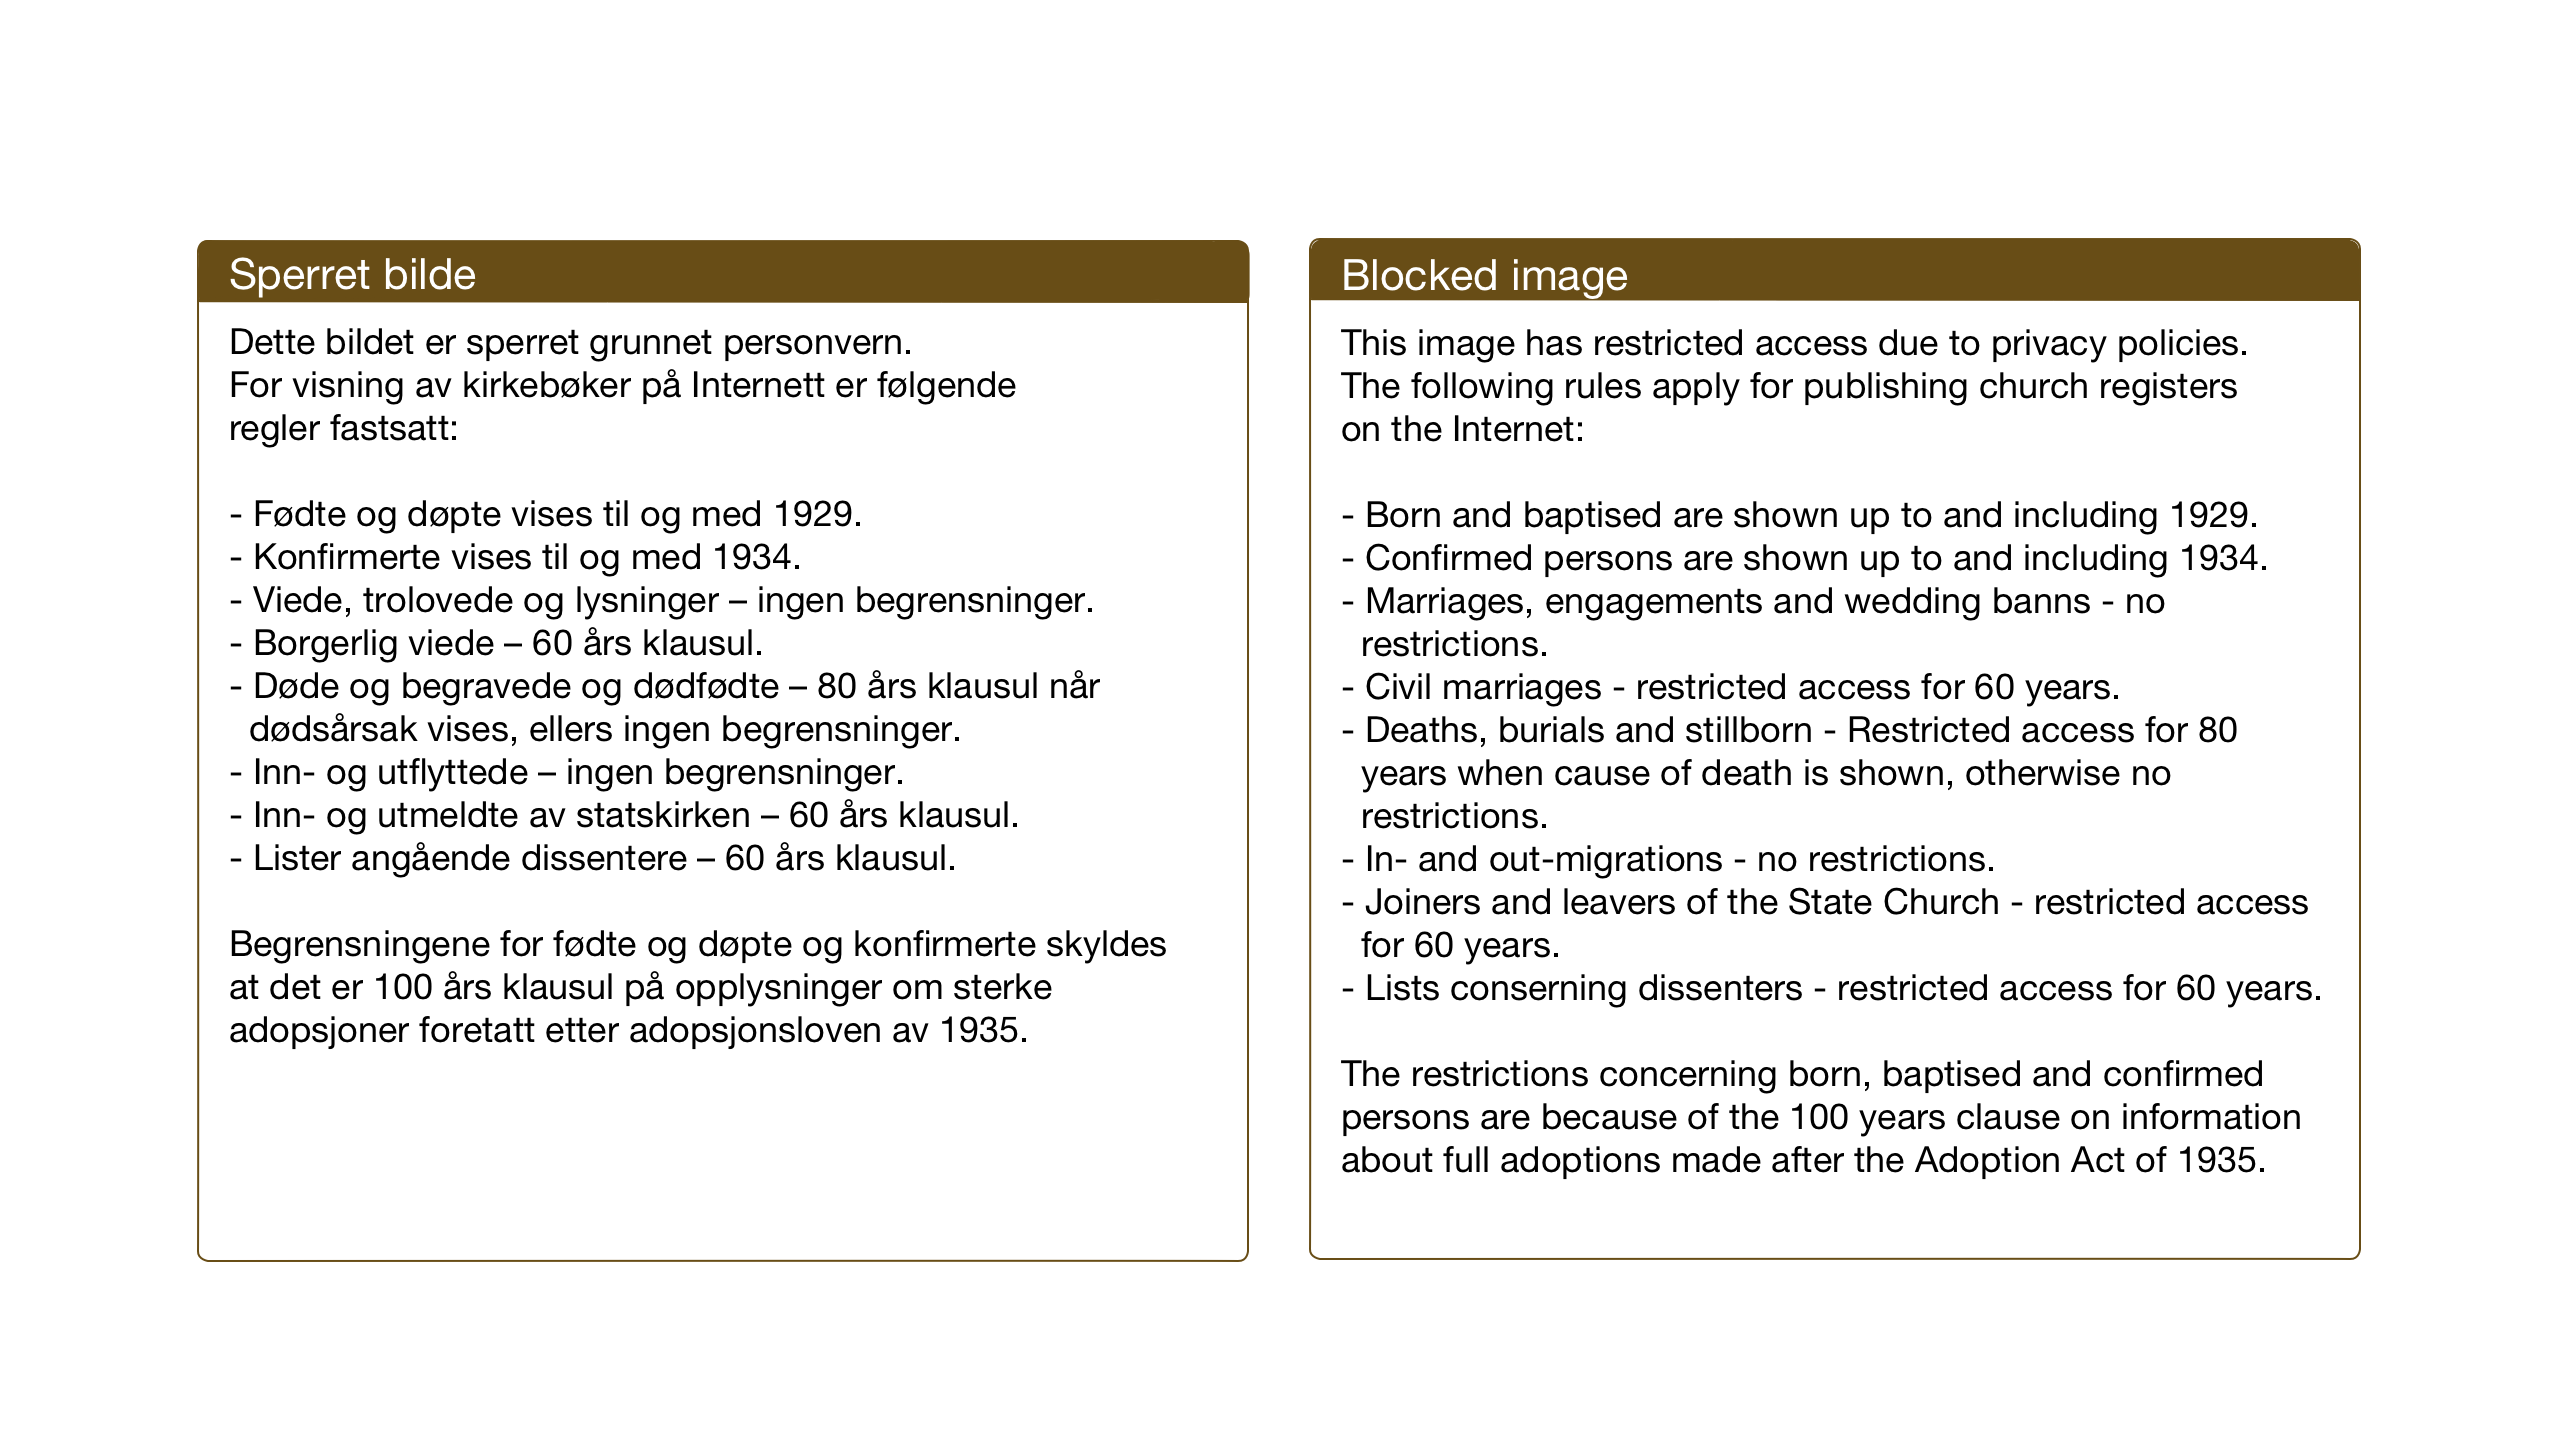 SAT, Ministerialprotokoller, klokkerbøker og fødselsregistre - Nord-Trøndelag, 740/L0383: Klokkerbok nr. 740C04, 1927-1939, s. 23